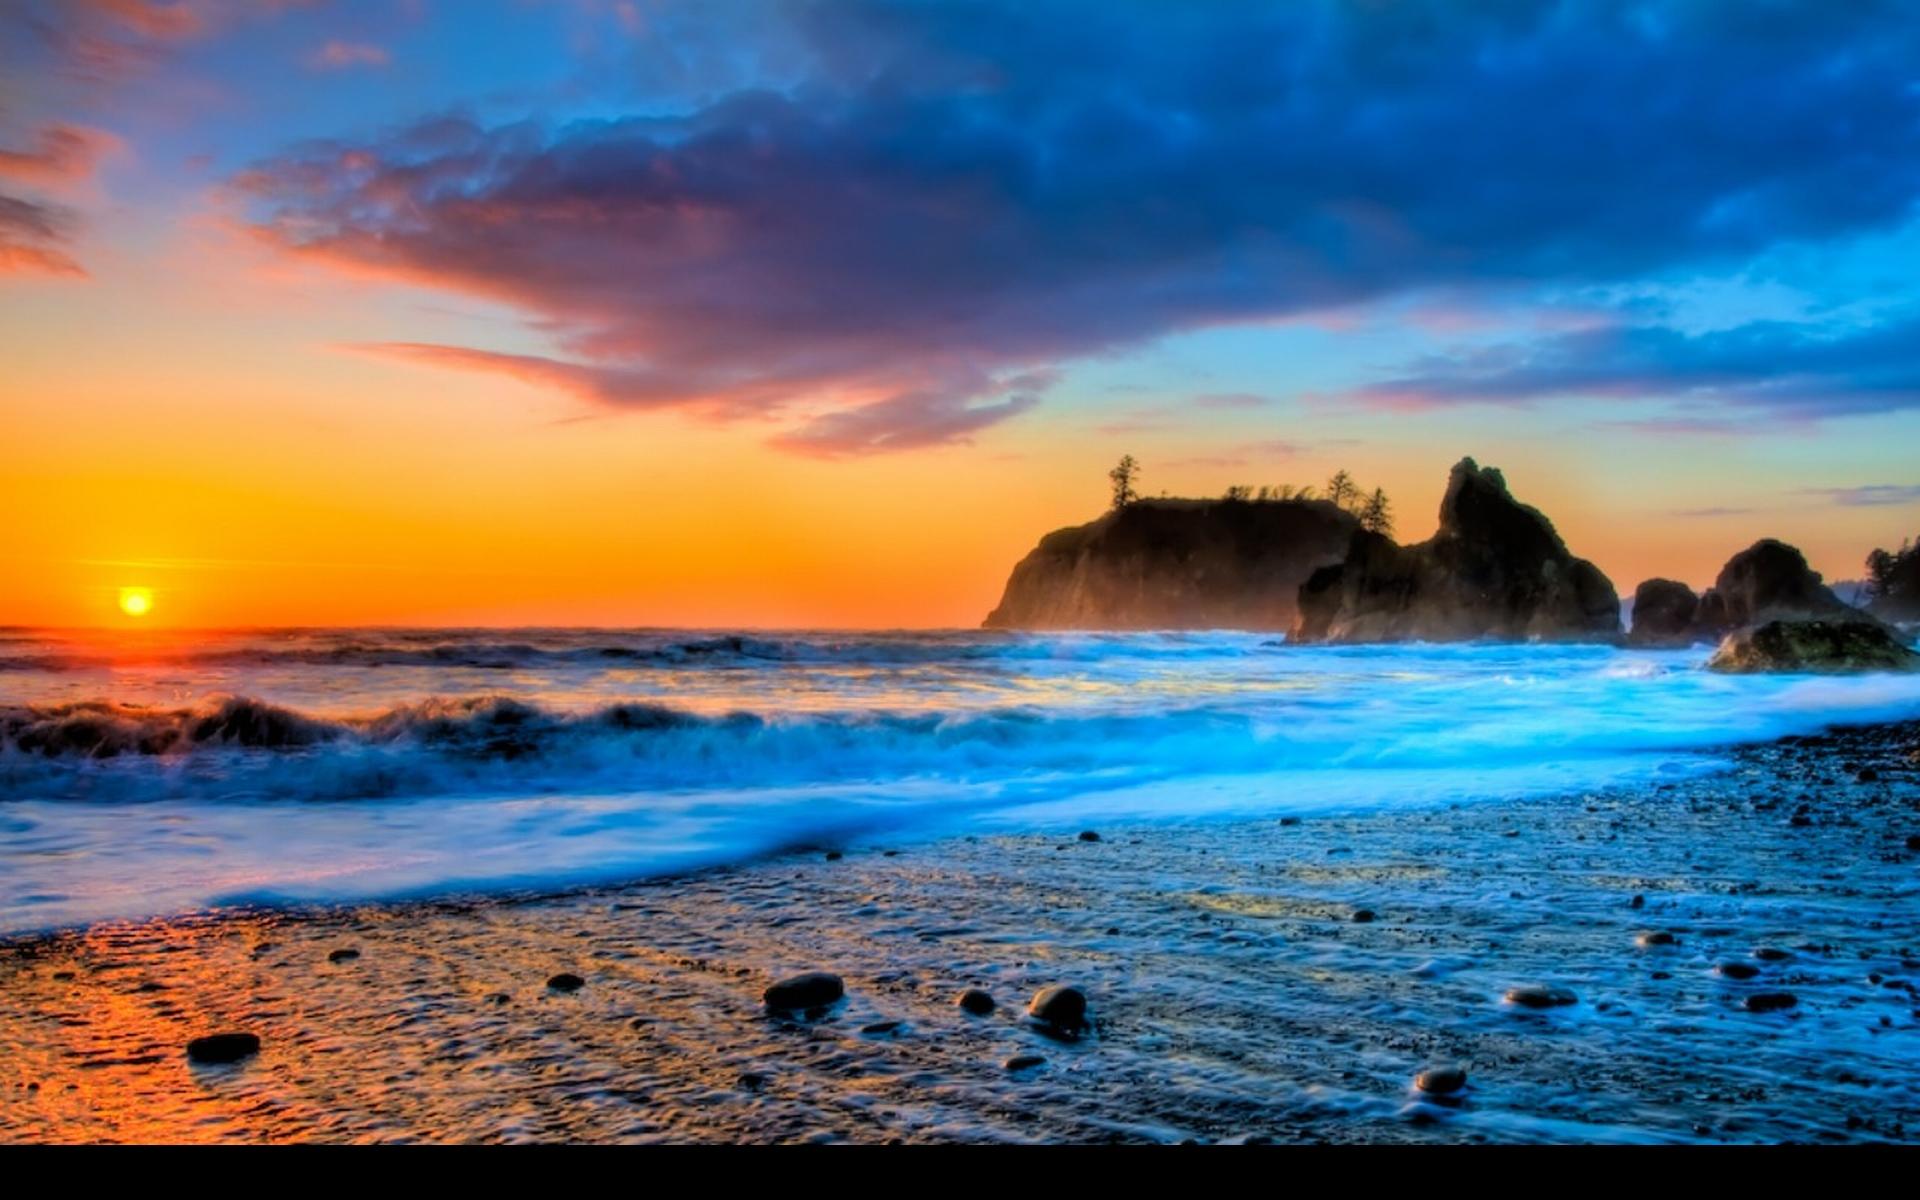 Beach Sunset Wallpaper 1920x1200